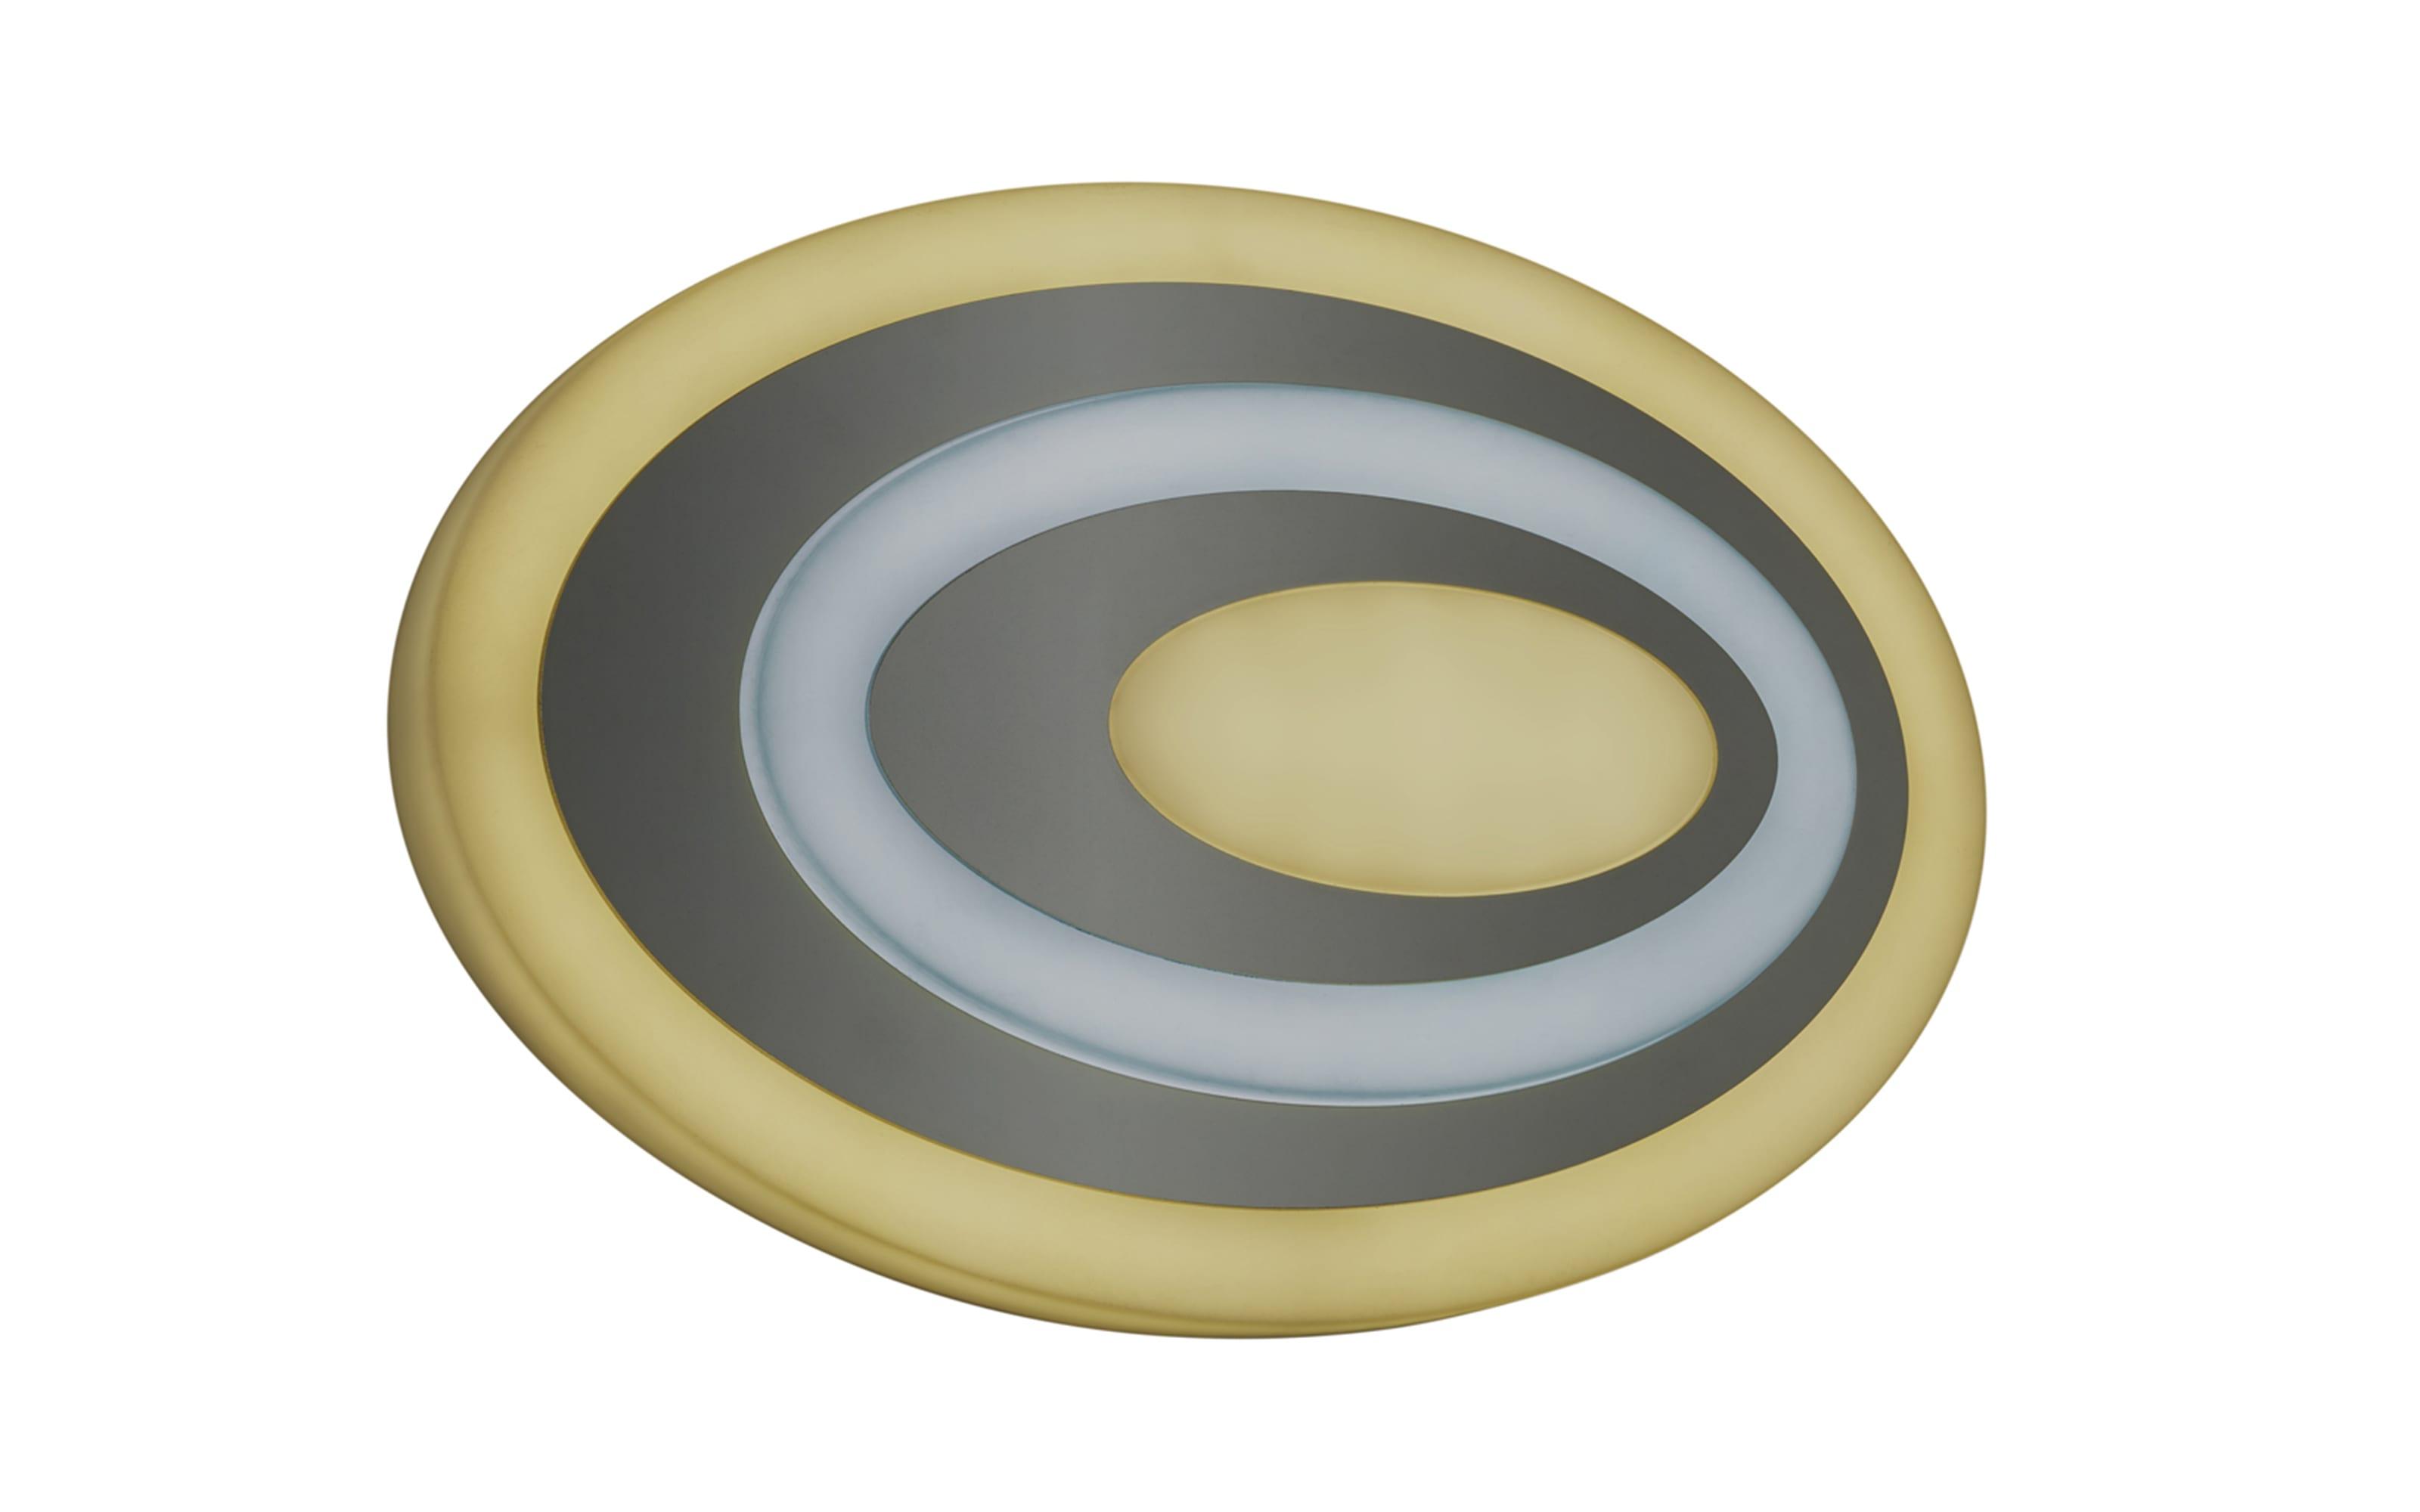 LED-Deckenleuchte Subara aus Acrylglas